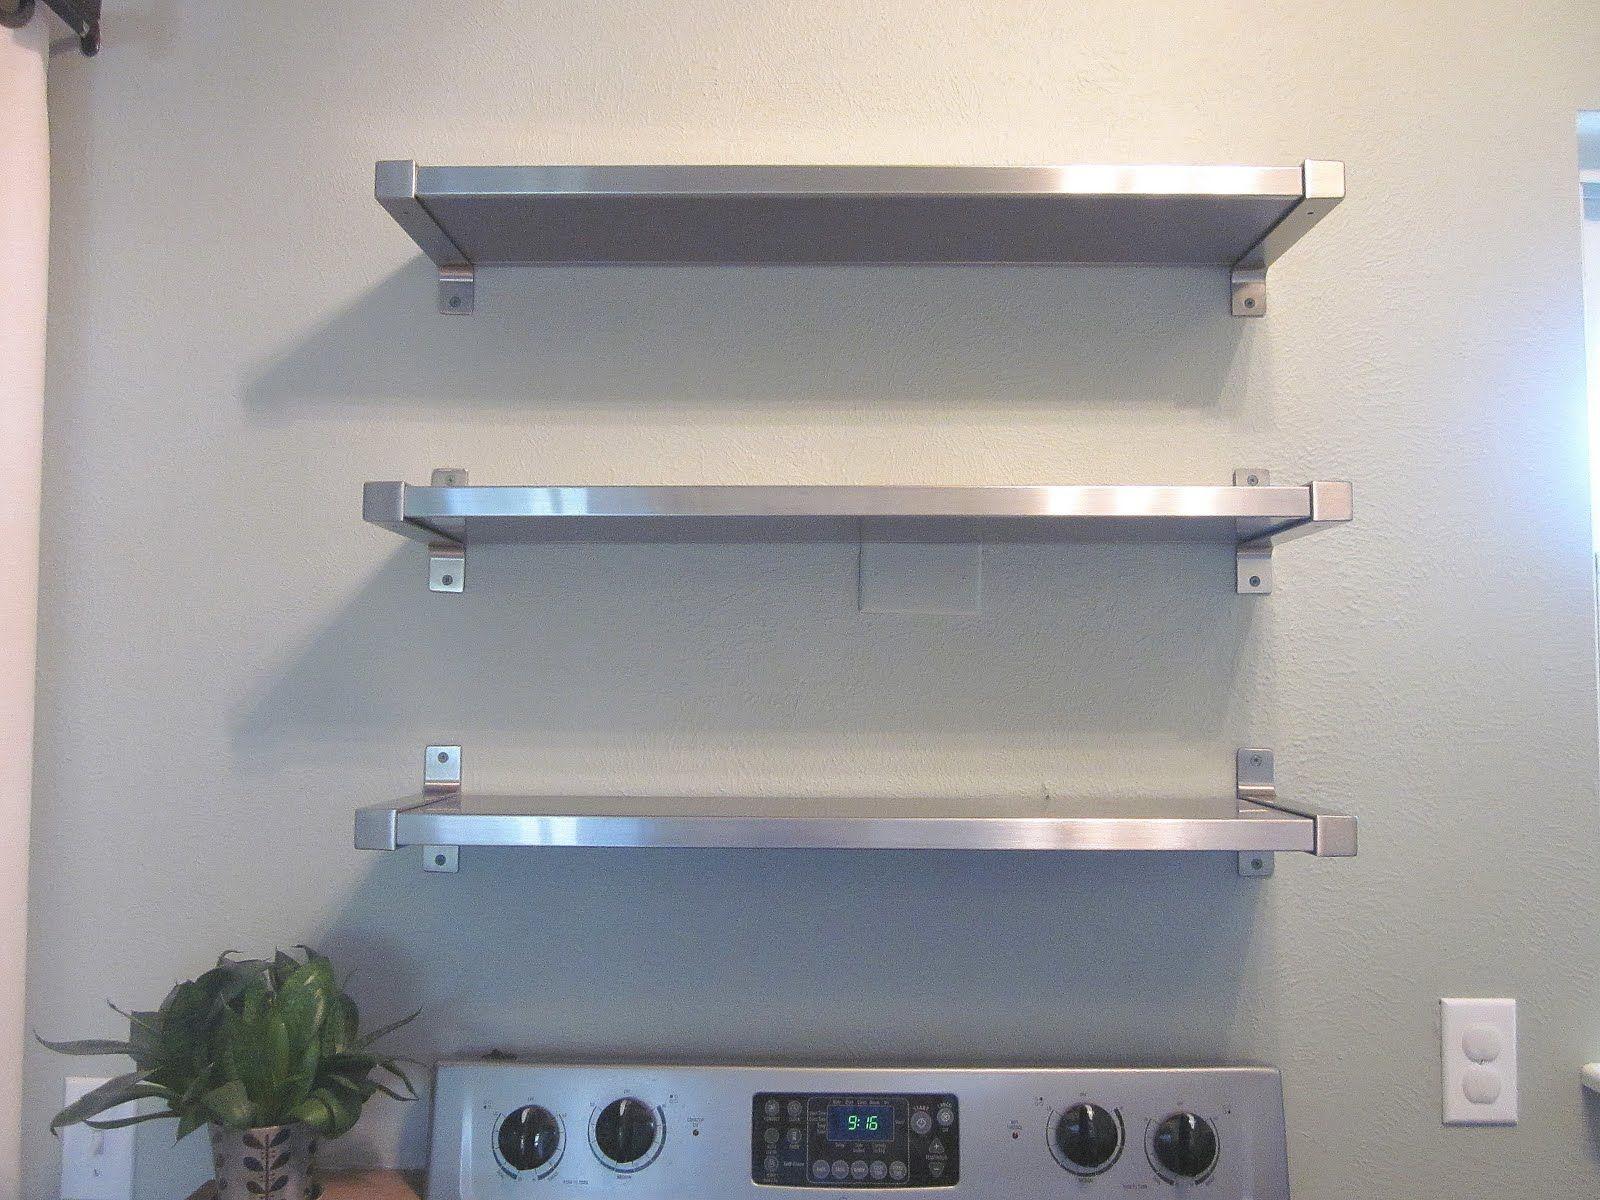 Ikea Insanity Kitchen Shelves Stainless Steel Kitchen Shelves Kitchen Wall Shelves Ikea Kitchen Shelves